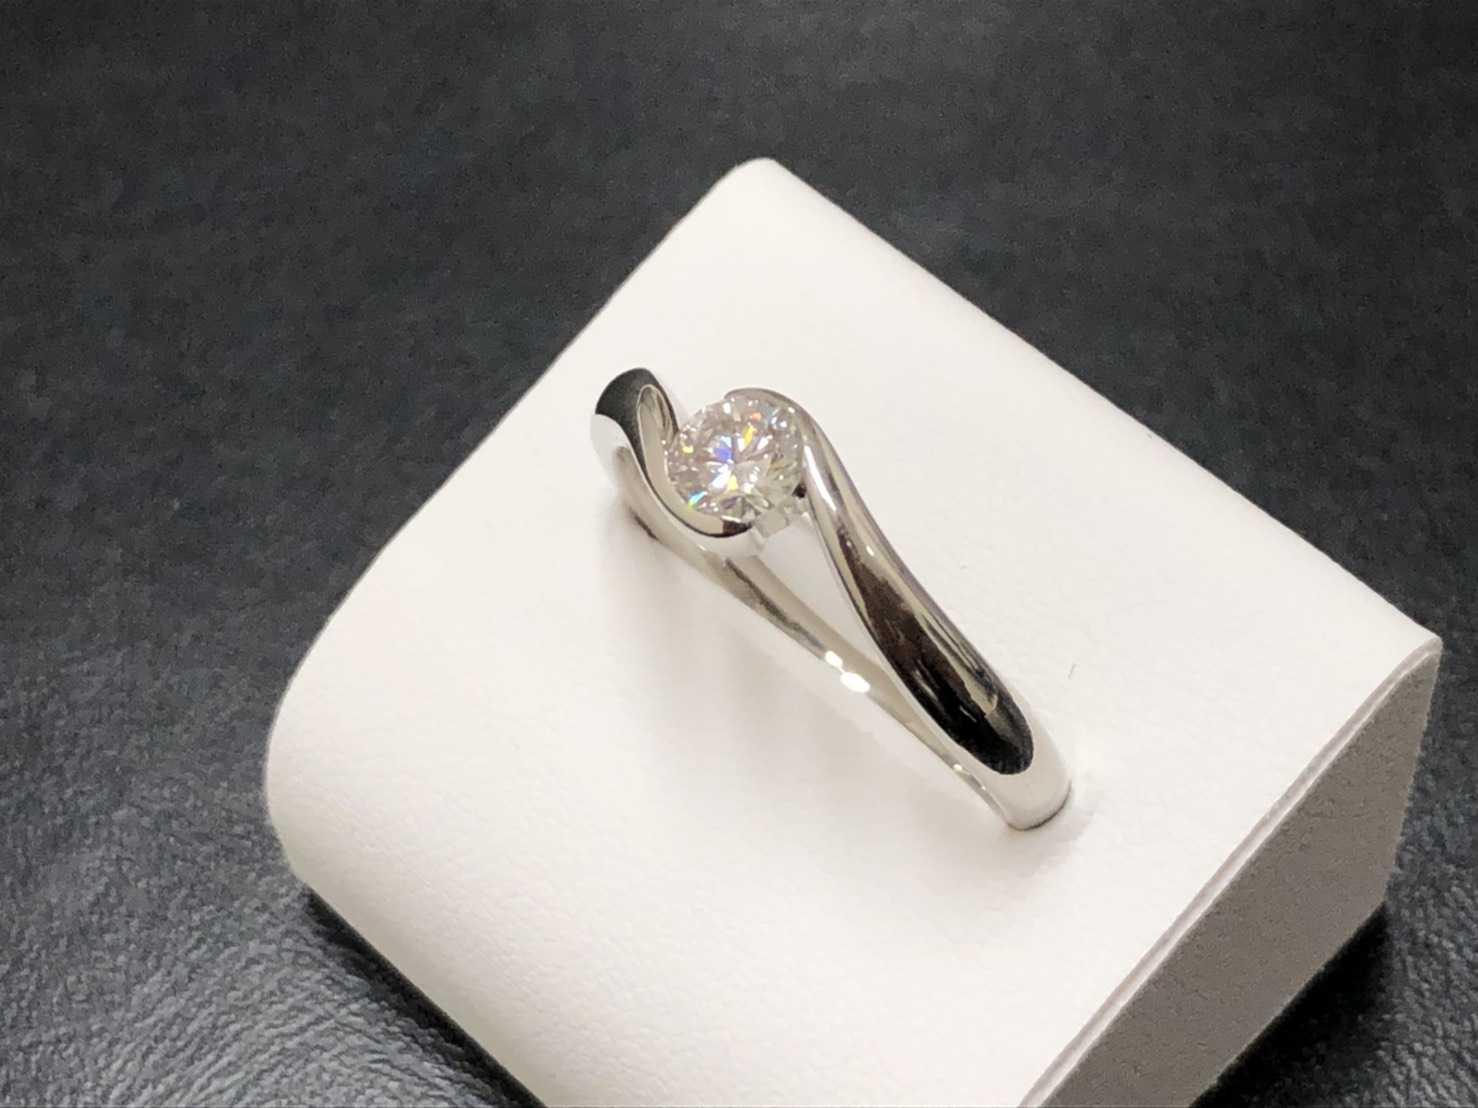 ダイヤモンド買取 プラチナダイヤリング